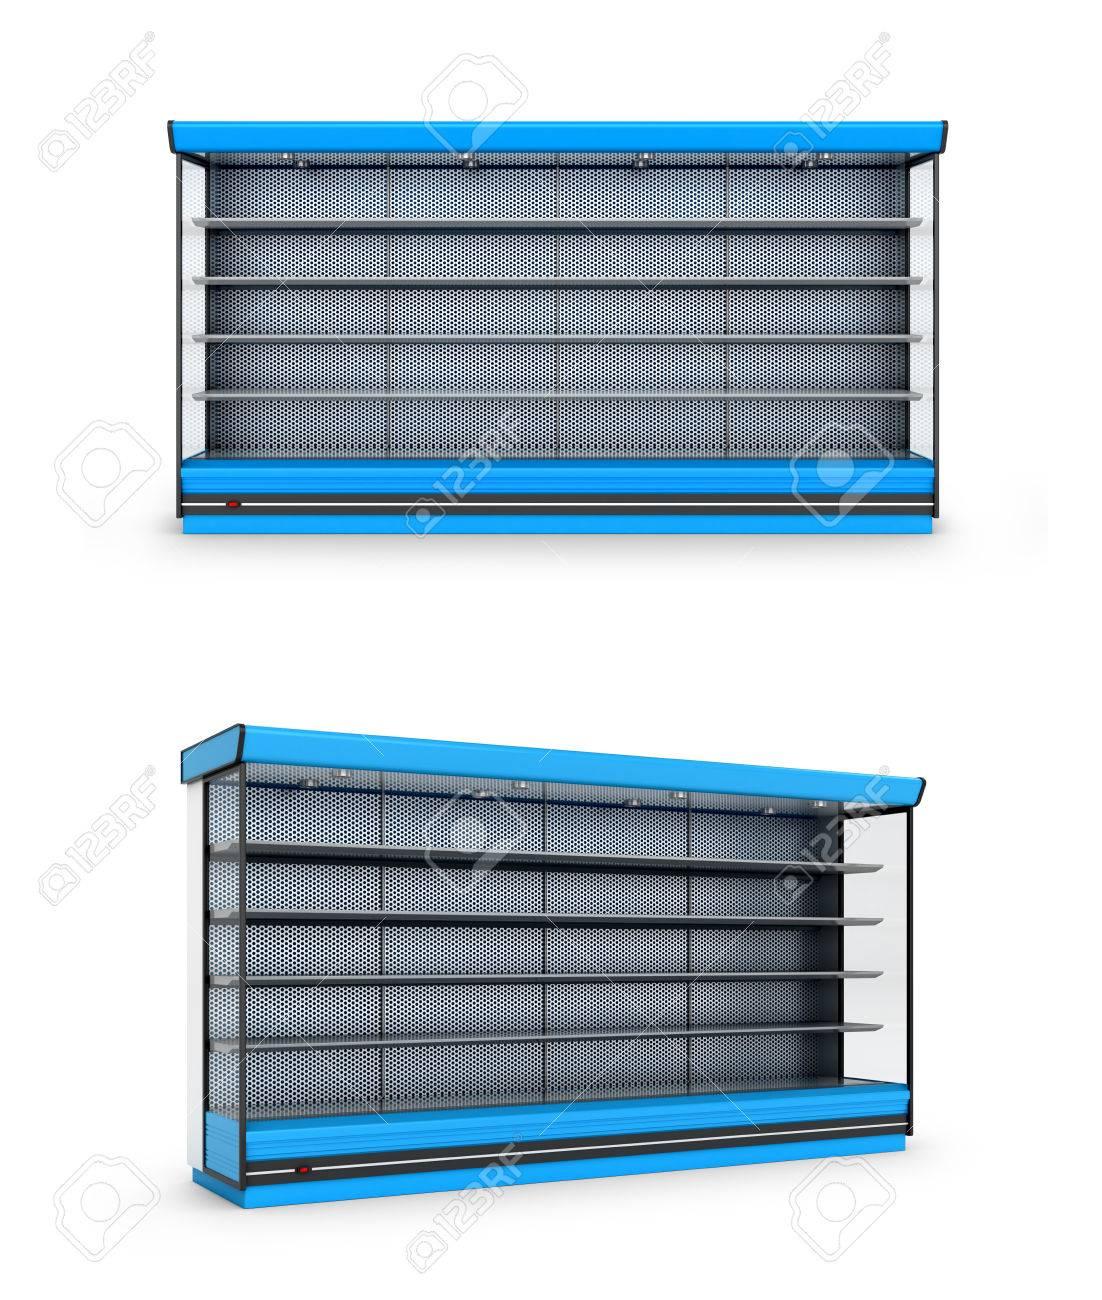 Étagère Congélateur BlancIllustration Ou Sur Boutique À 3d Fond CxBoWdre